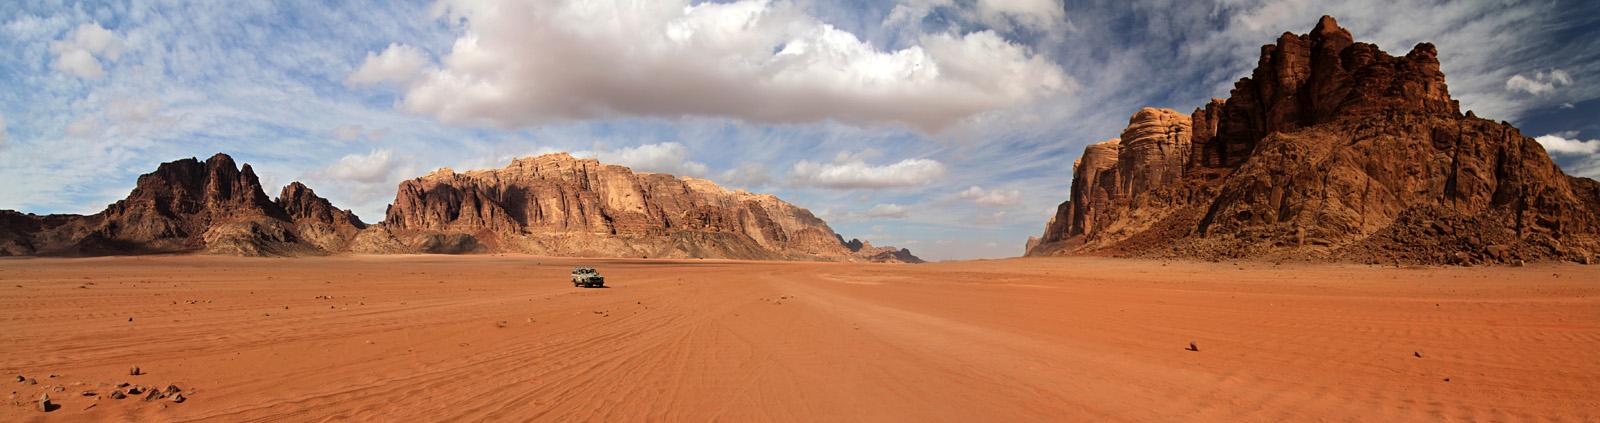 Einsamer Fahrer in Wadi Rum